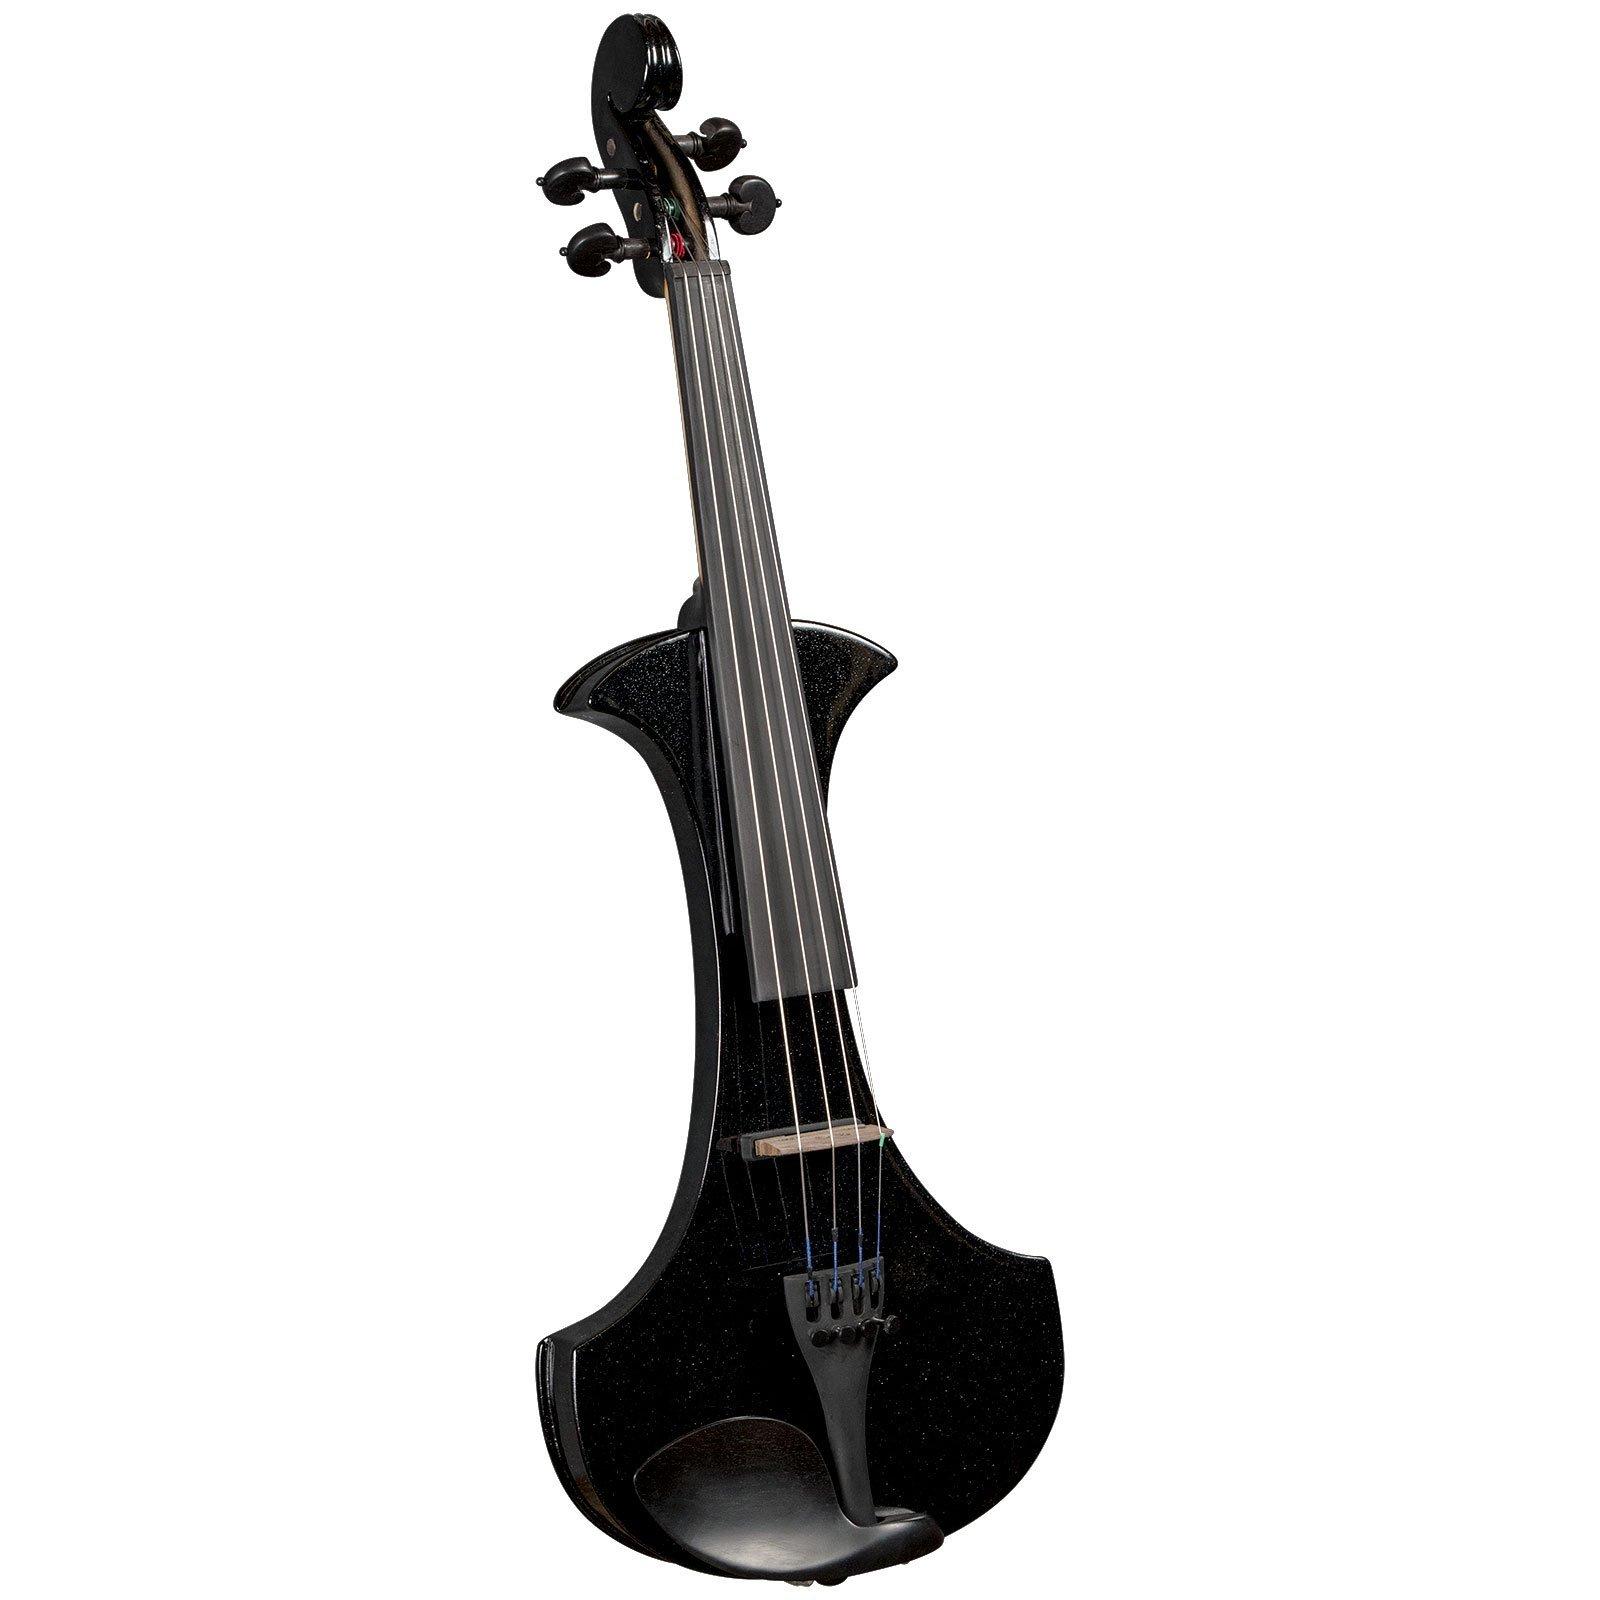 Cremona SV-180BKE Premier Student Electric Violin - Sparkling Black - 4/4 Size